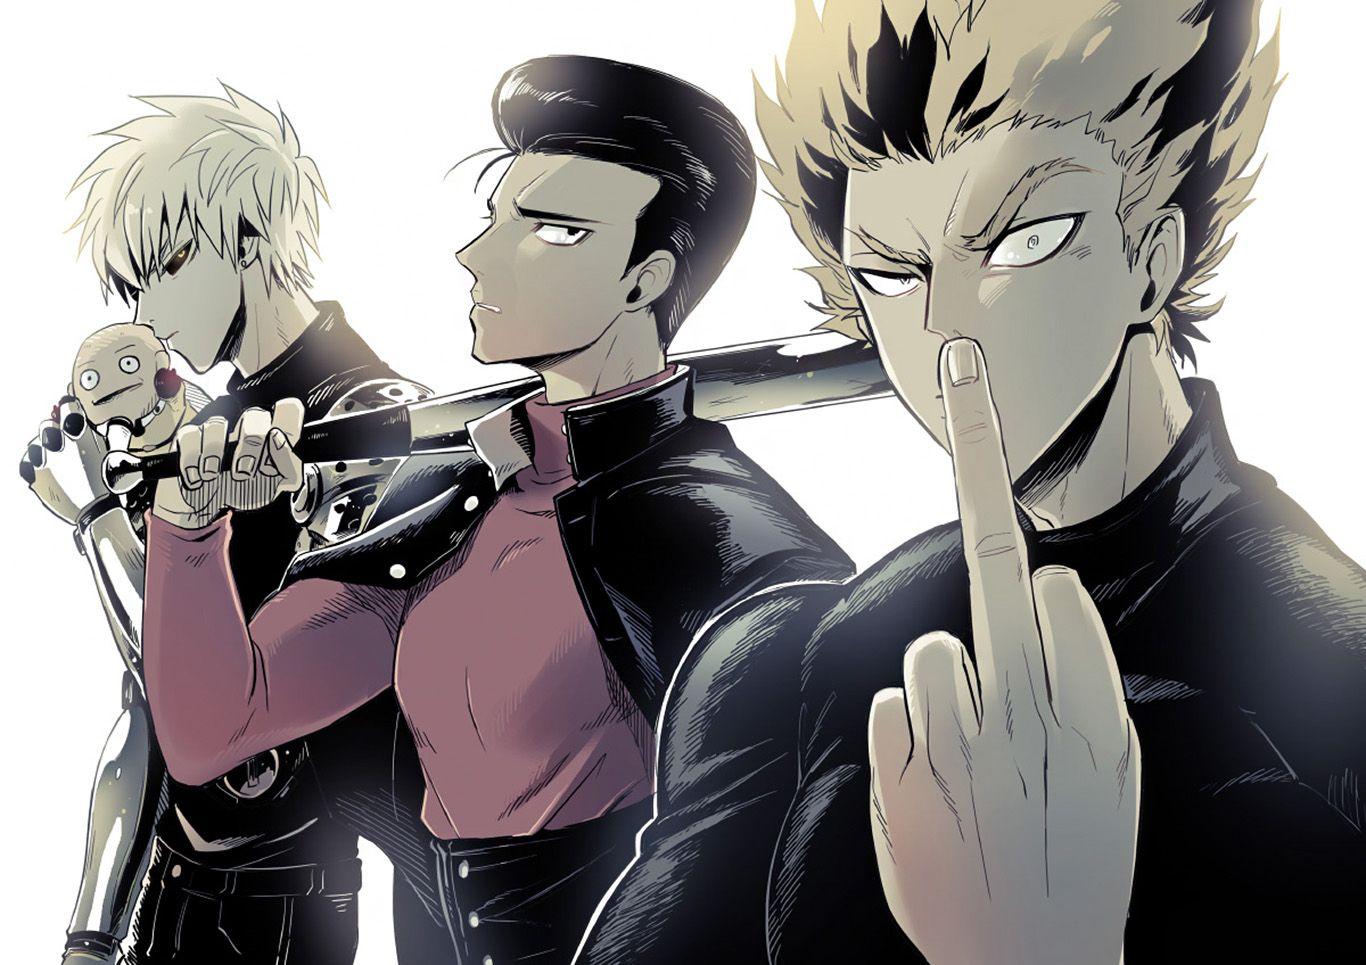 Anime One Punch Man Genos Metal Bat Garou Wallpaper イラスト アニメ